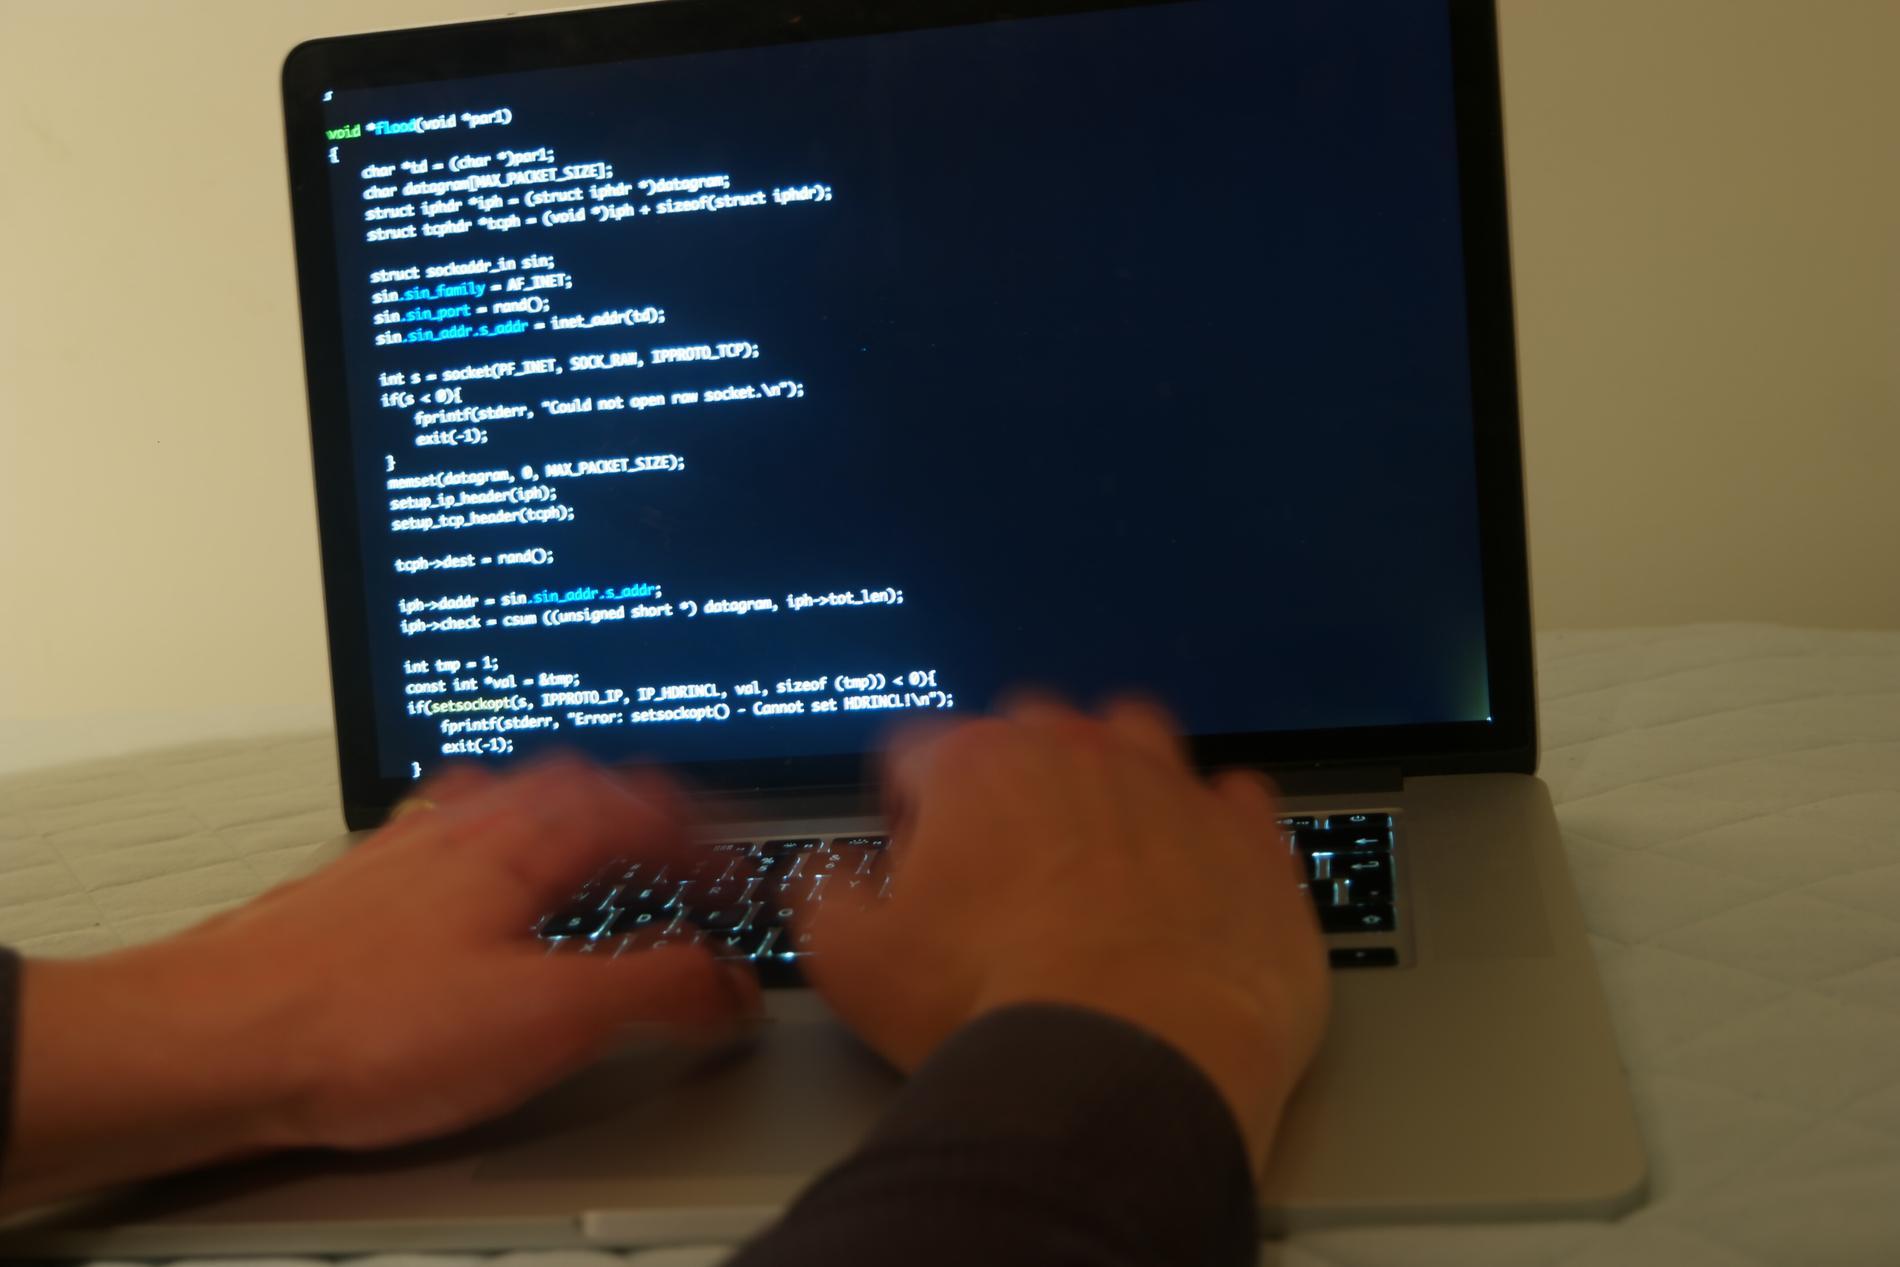 Flera länder inom EU har varnat för cyberattacker kopplade till Ryssland. Arkivbild.